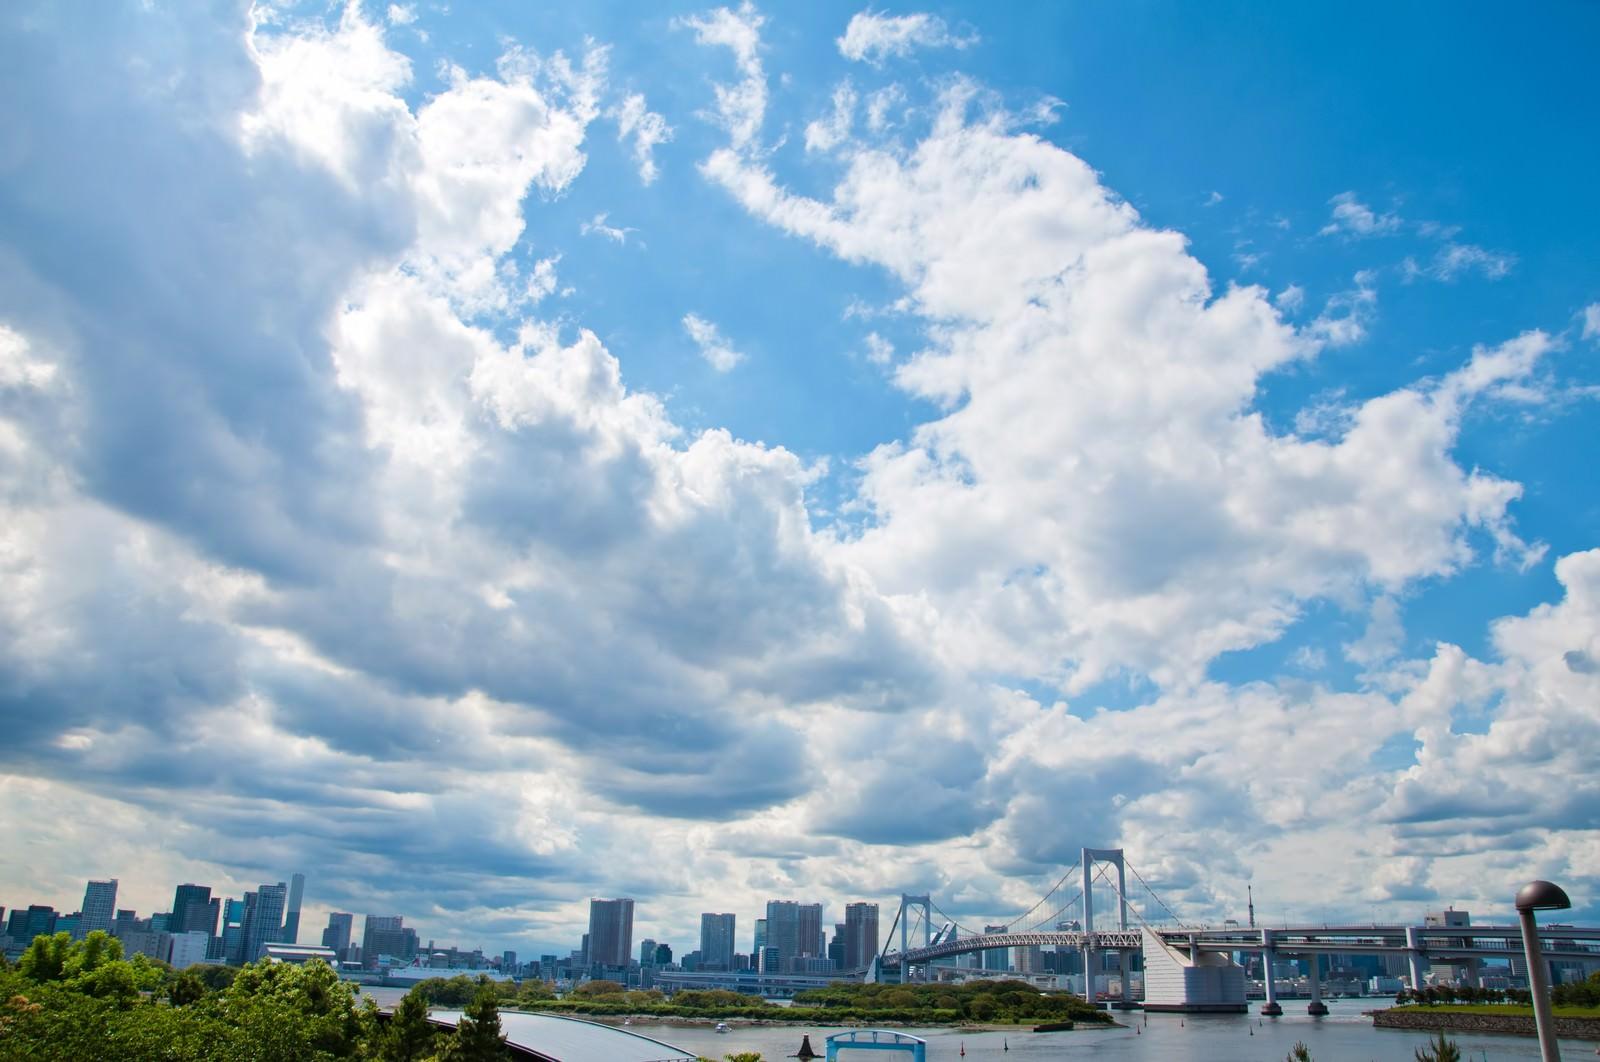 「レインボーブリッジと街並み・青空と雲」の写真